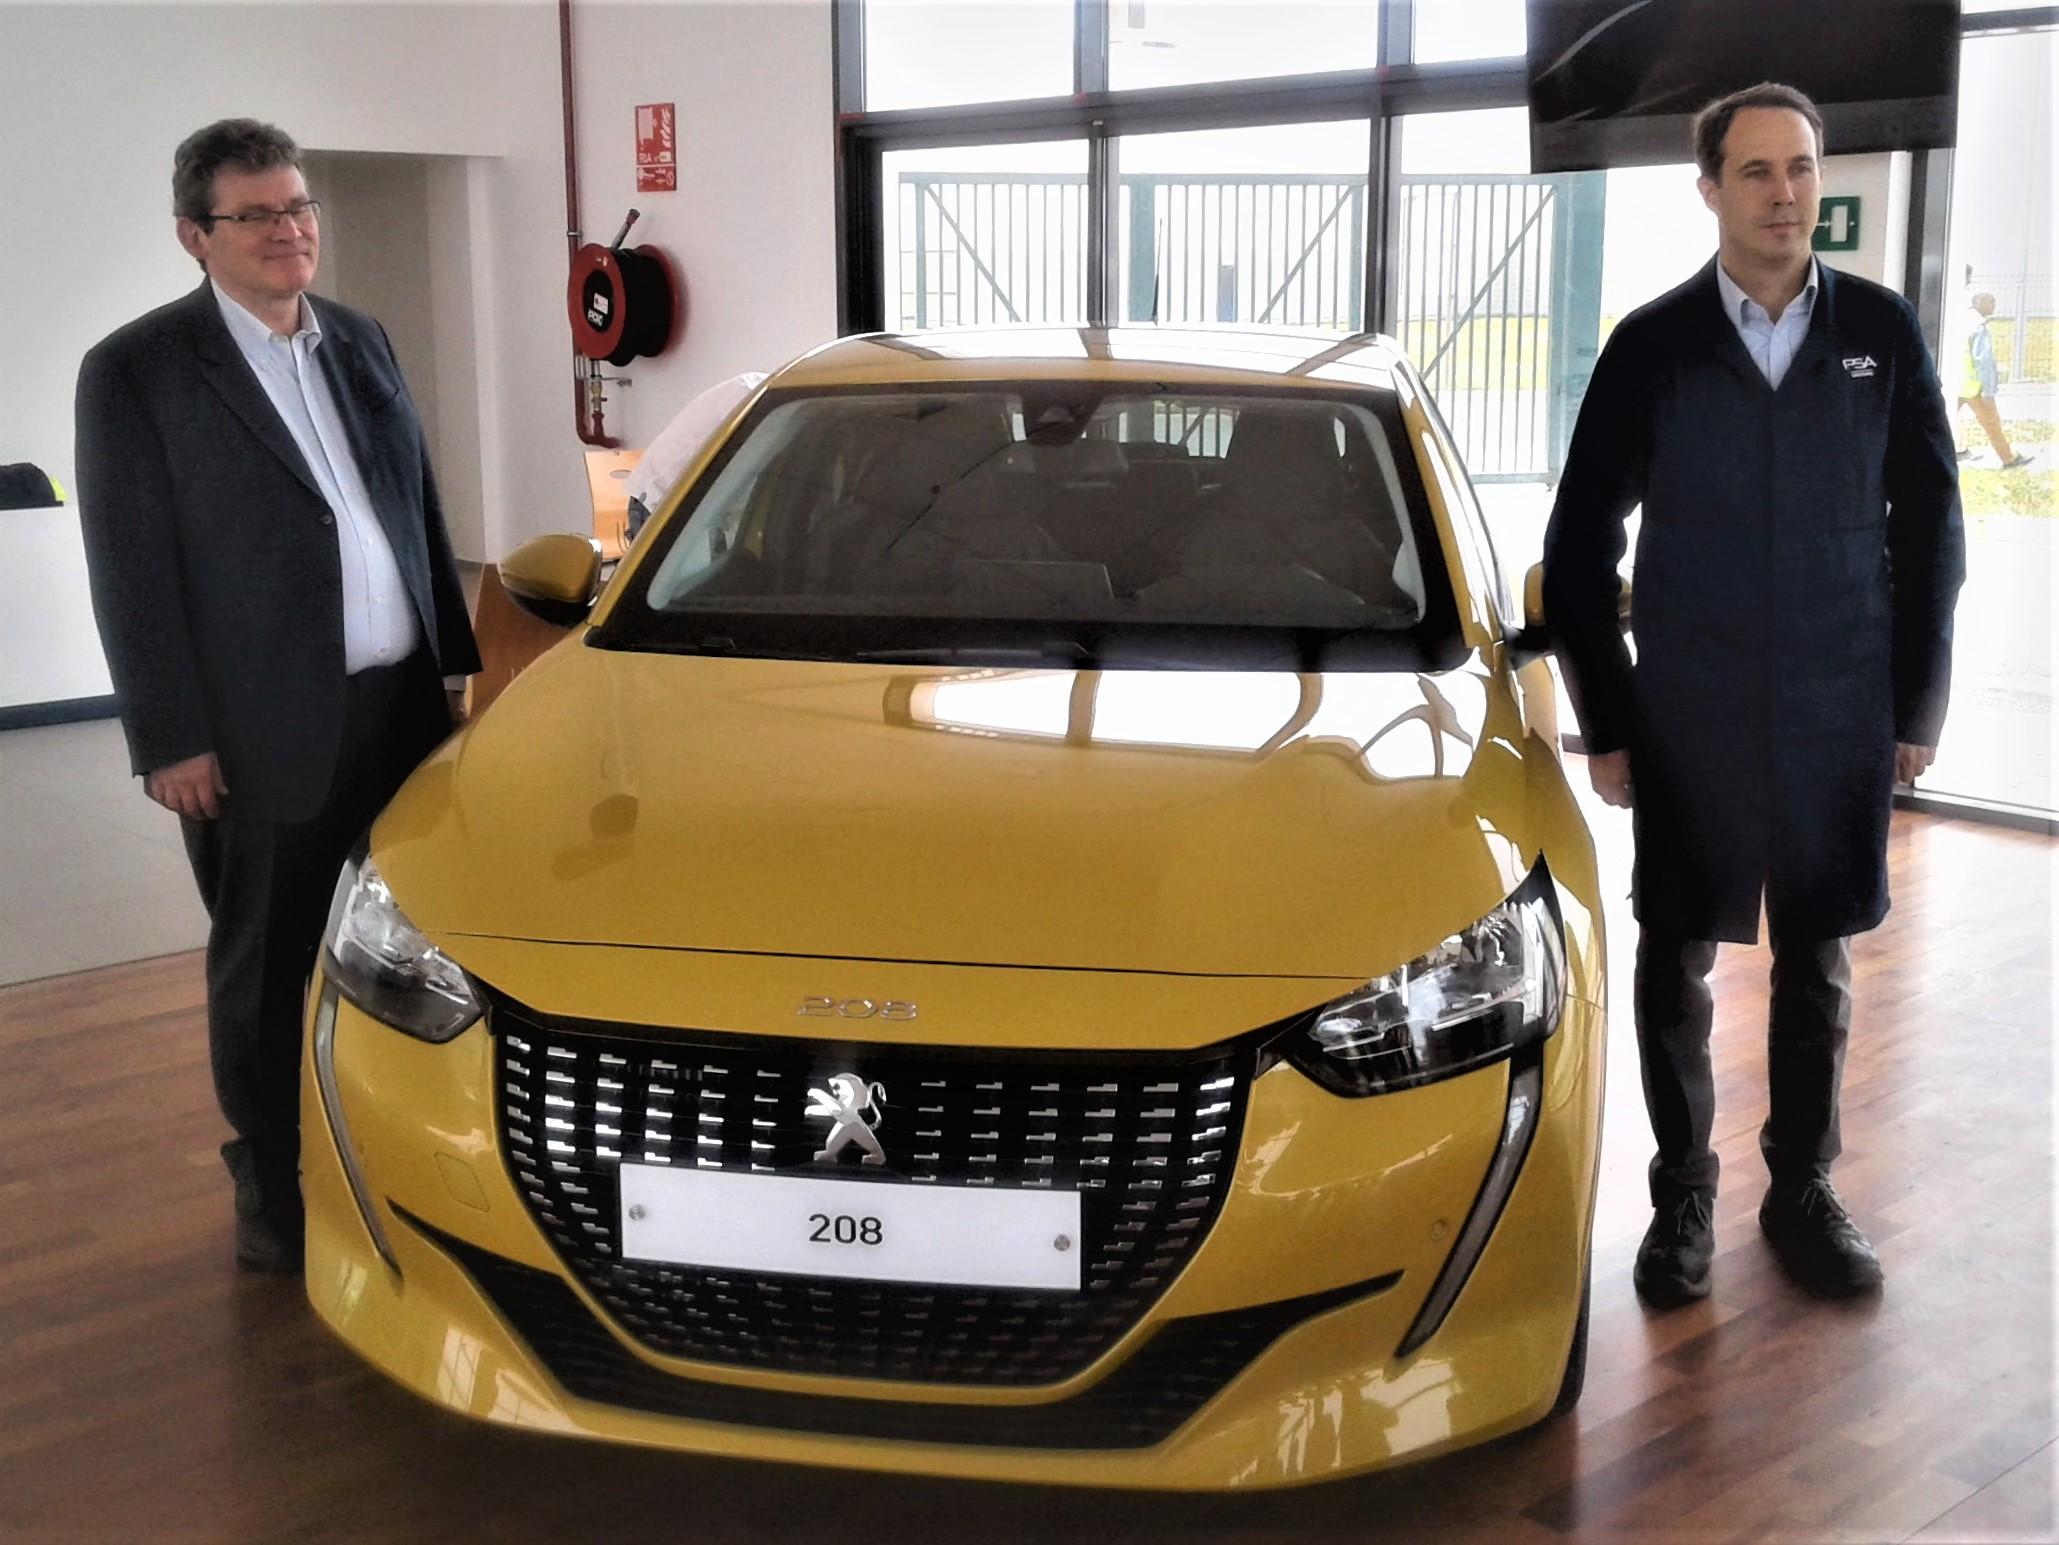 Dans la salle d'accueil de l'usine, la nouvelle Peugeot 208 est exposée aux yeux des visiteurs. Jean-Christophe Quemard (à gauche), Directeur de la région Moyen-Orient Afrique et membre du Directoire du Groupe PSA et Rémi Cabon, Directeur du projet PSA Maroc nous ont chaleureusement accueillis.